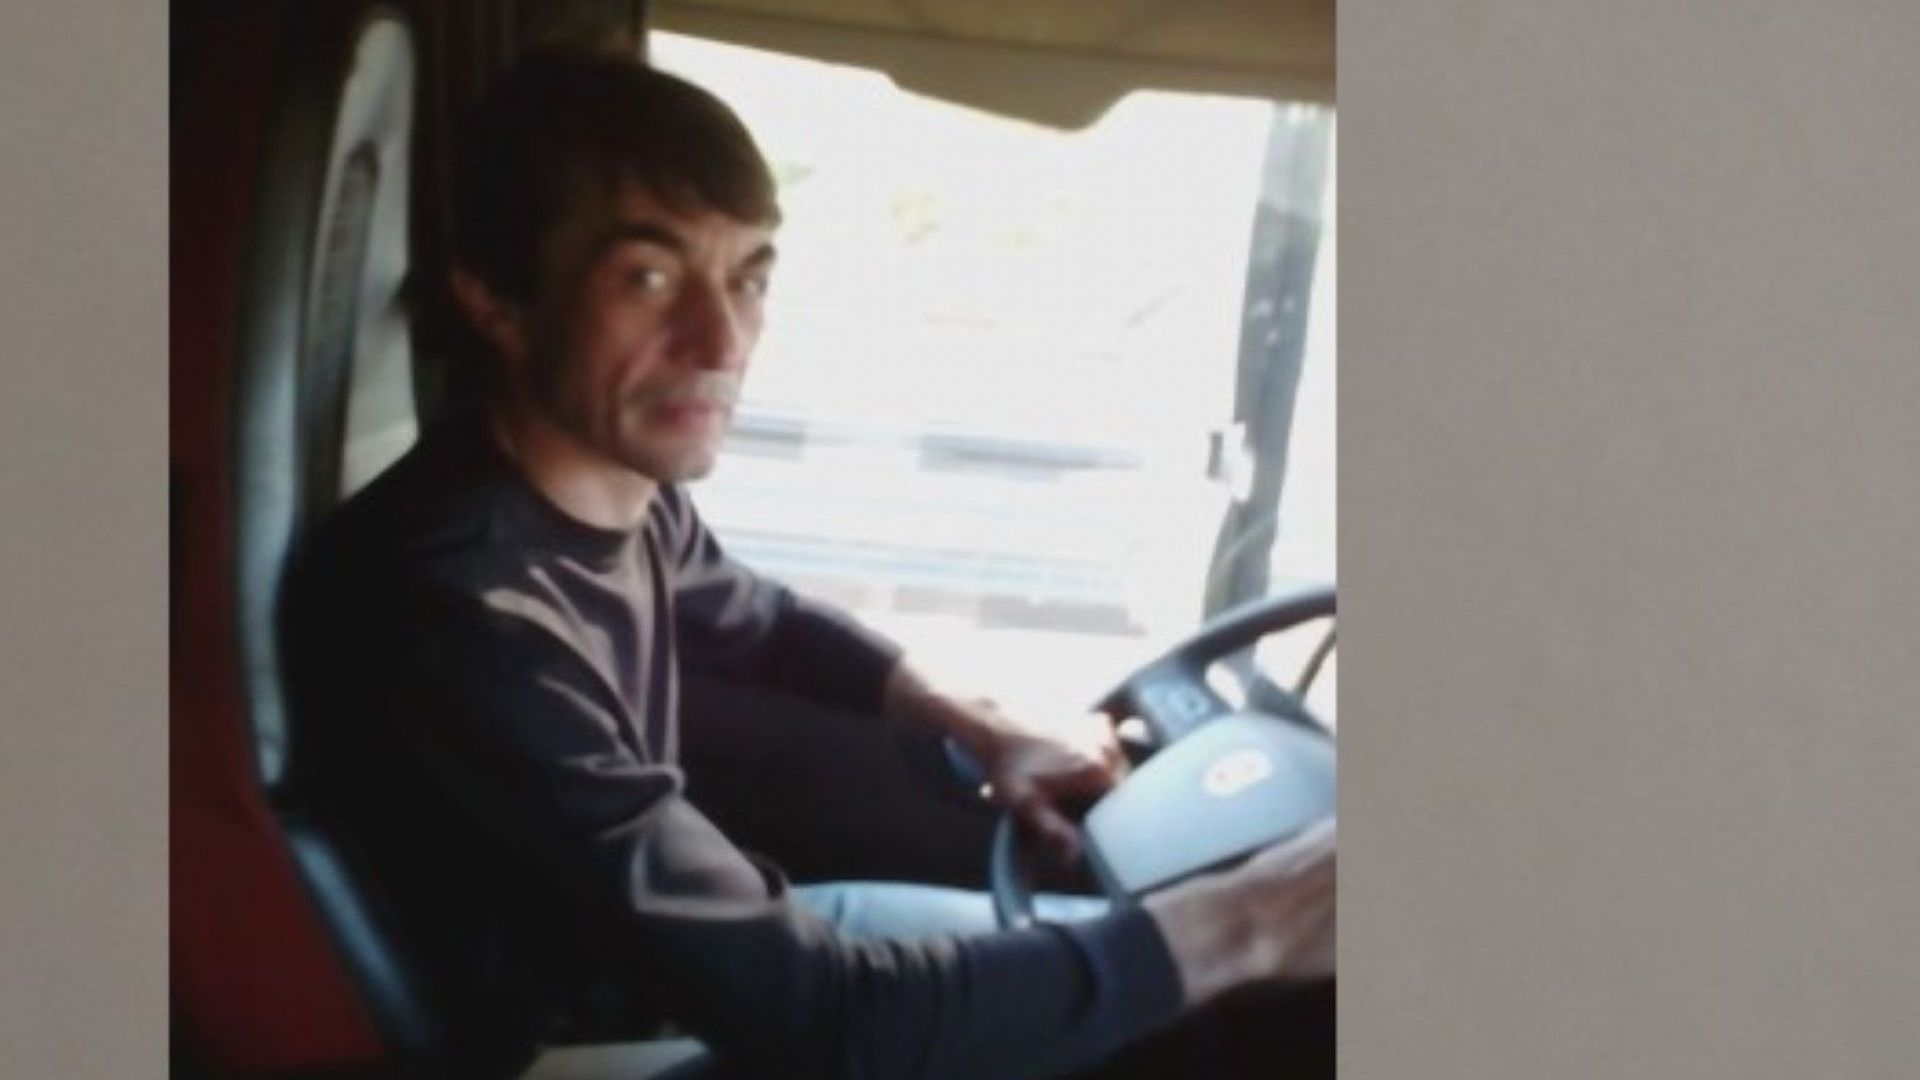 Български шофьор задържан във Франция заради мигранти в камиона му